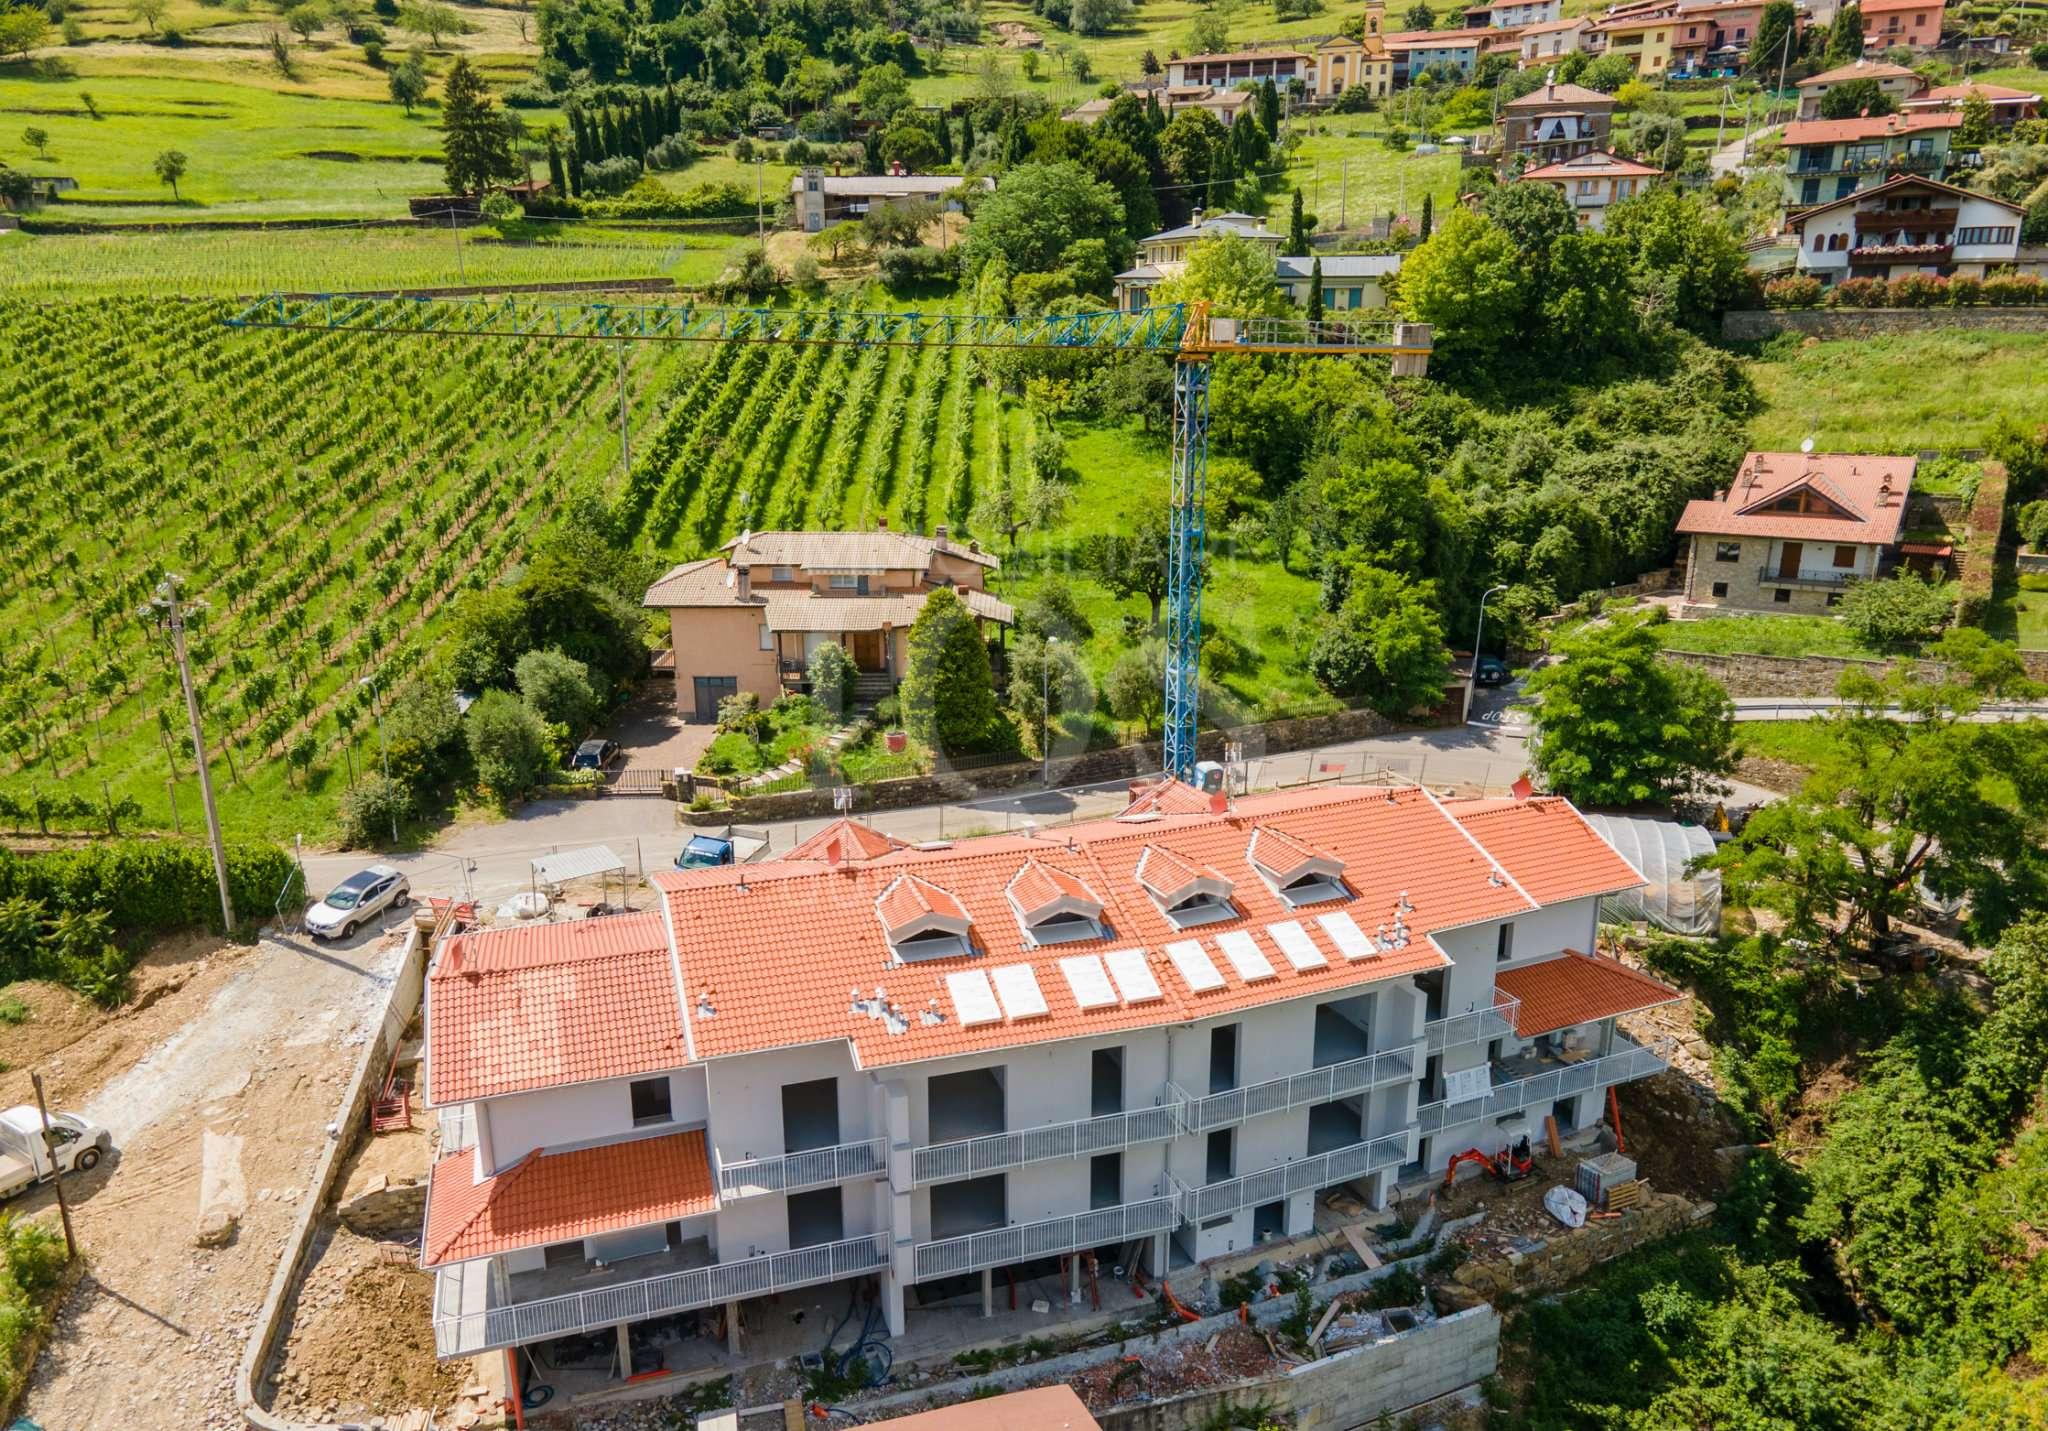 Appartamento in vendita a Foresto Sparso, 2 locali, prezzo € 65.000 | PortaleAgenzieImmobiliari.it